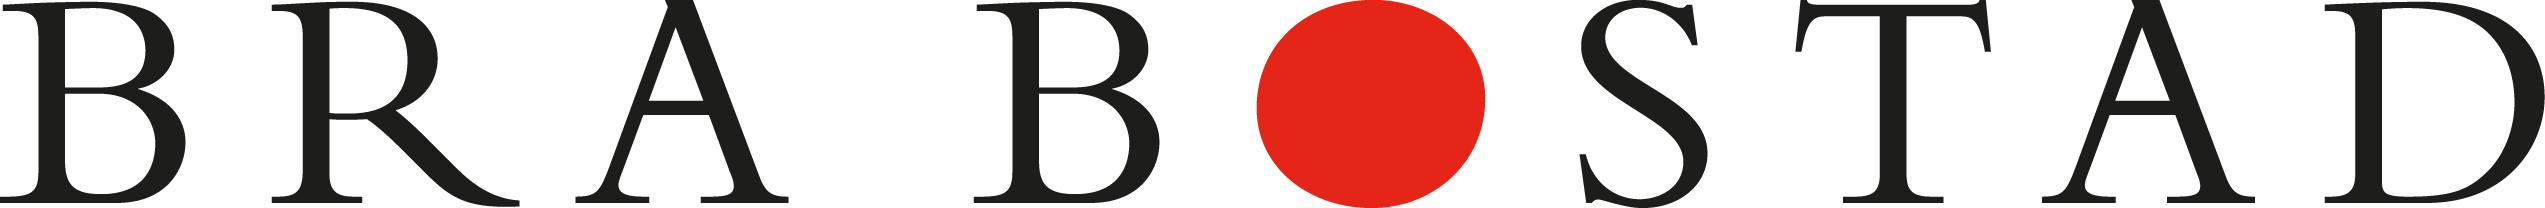 BraBostad_logo_RGB